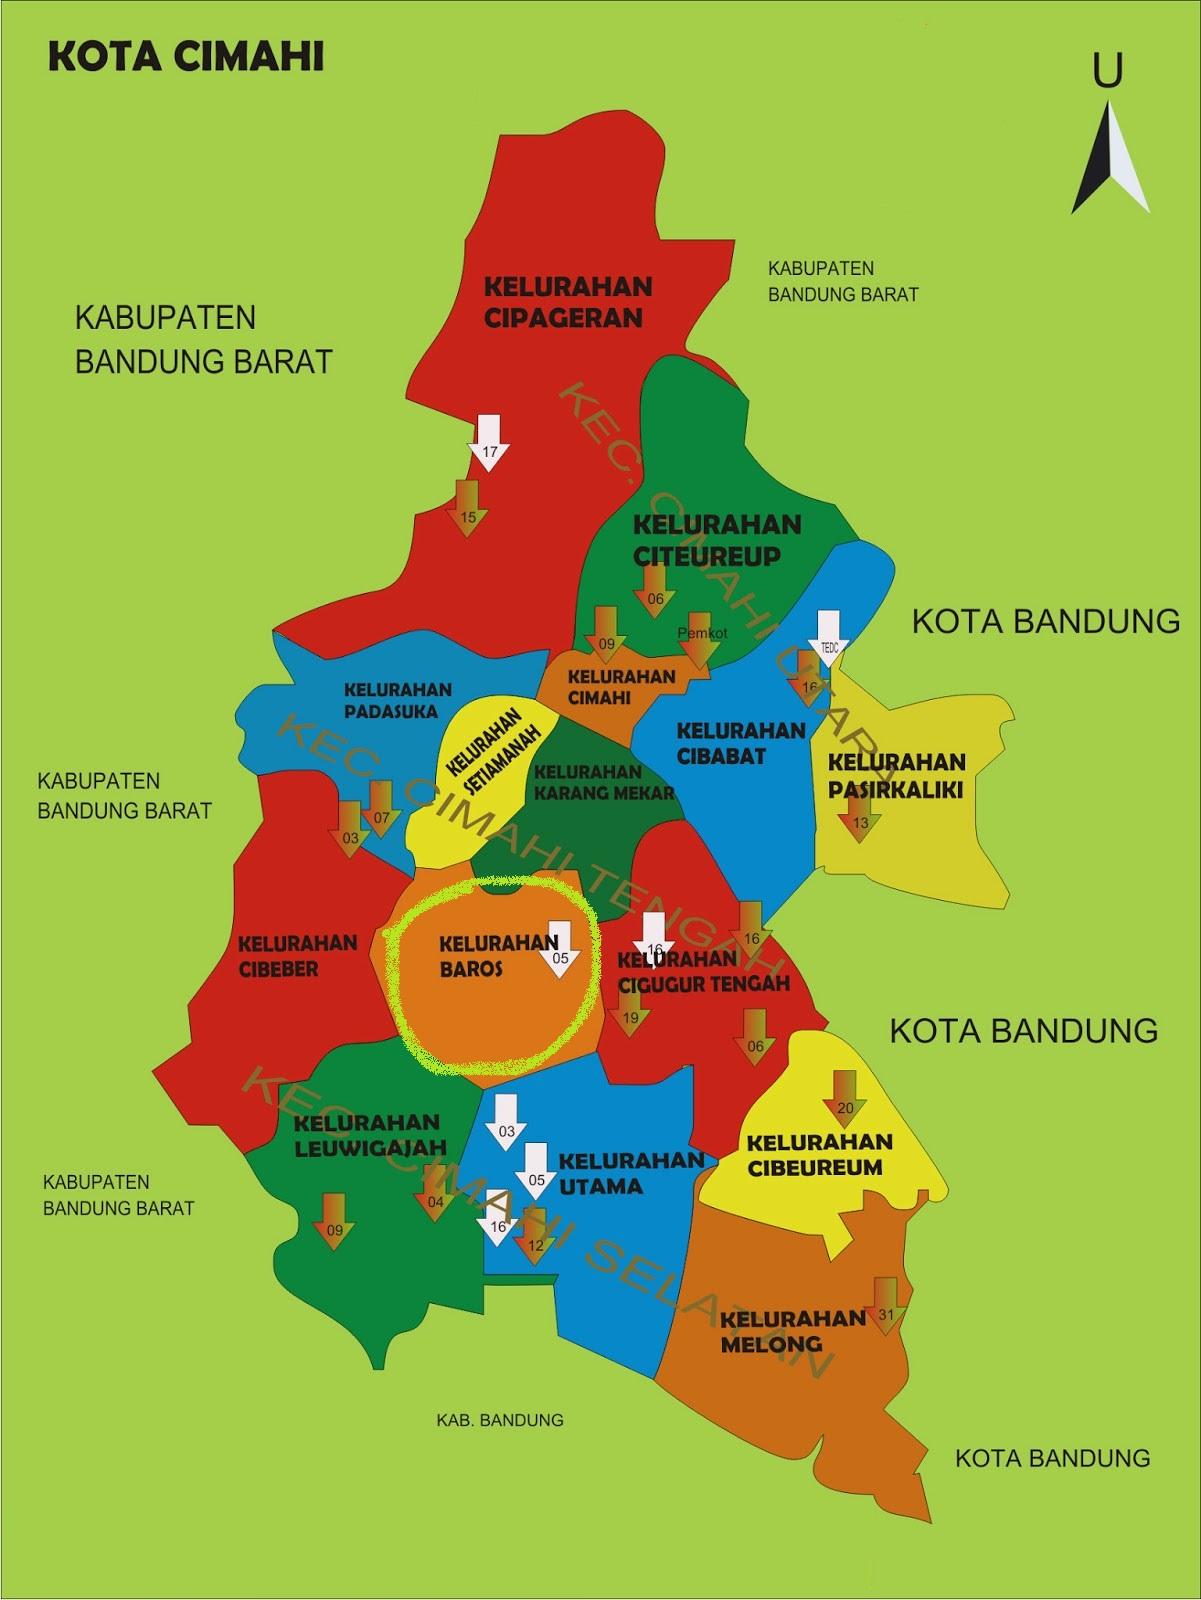 Geografi ~ Profil Kota Cimahi